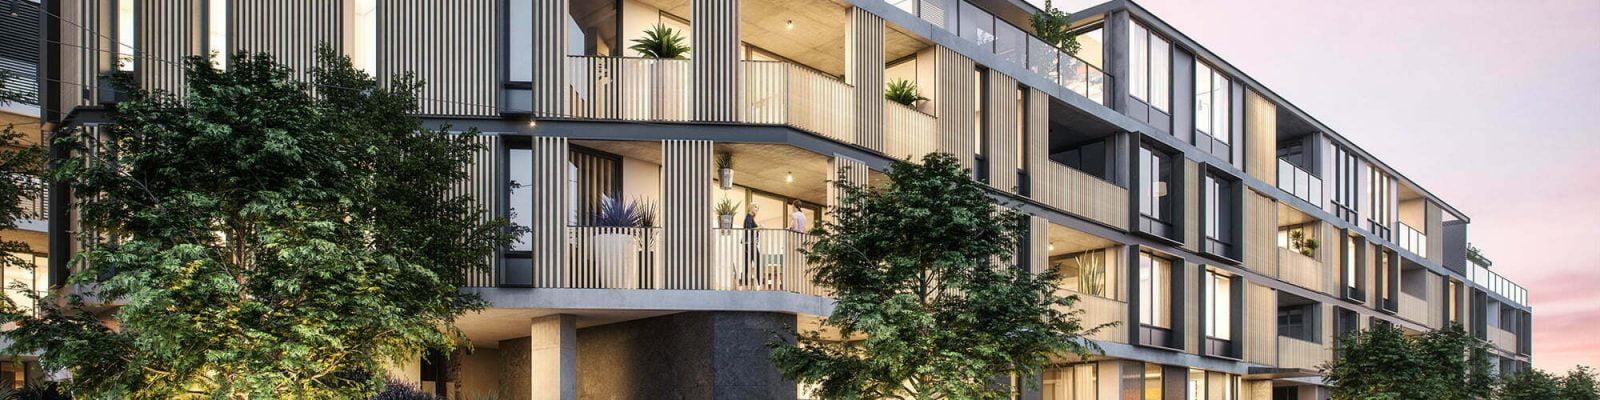 Liv Apartments Fremantle WA